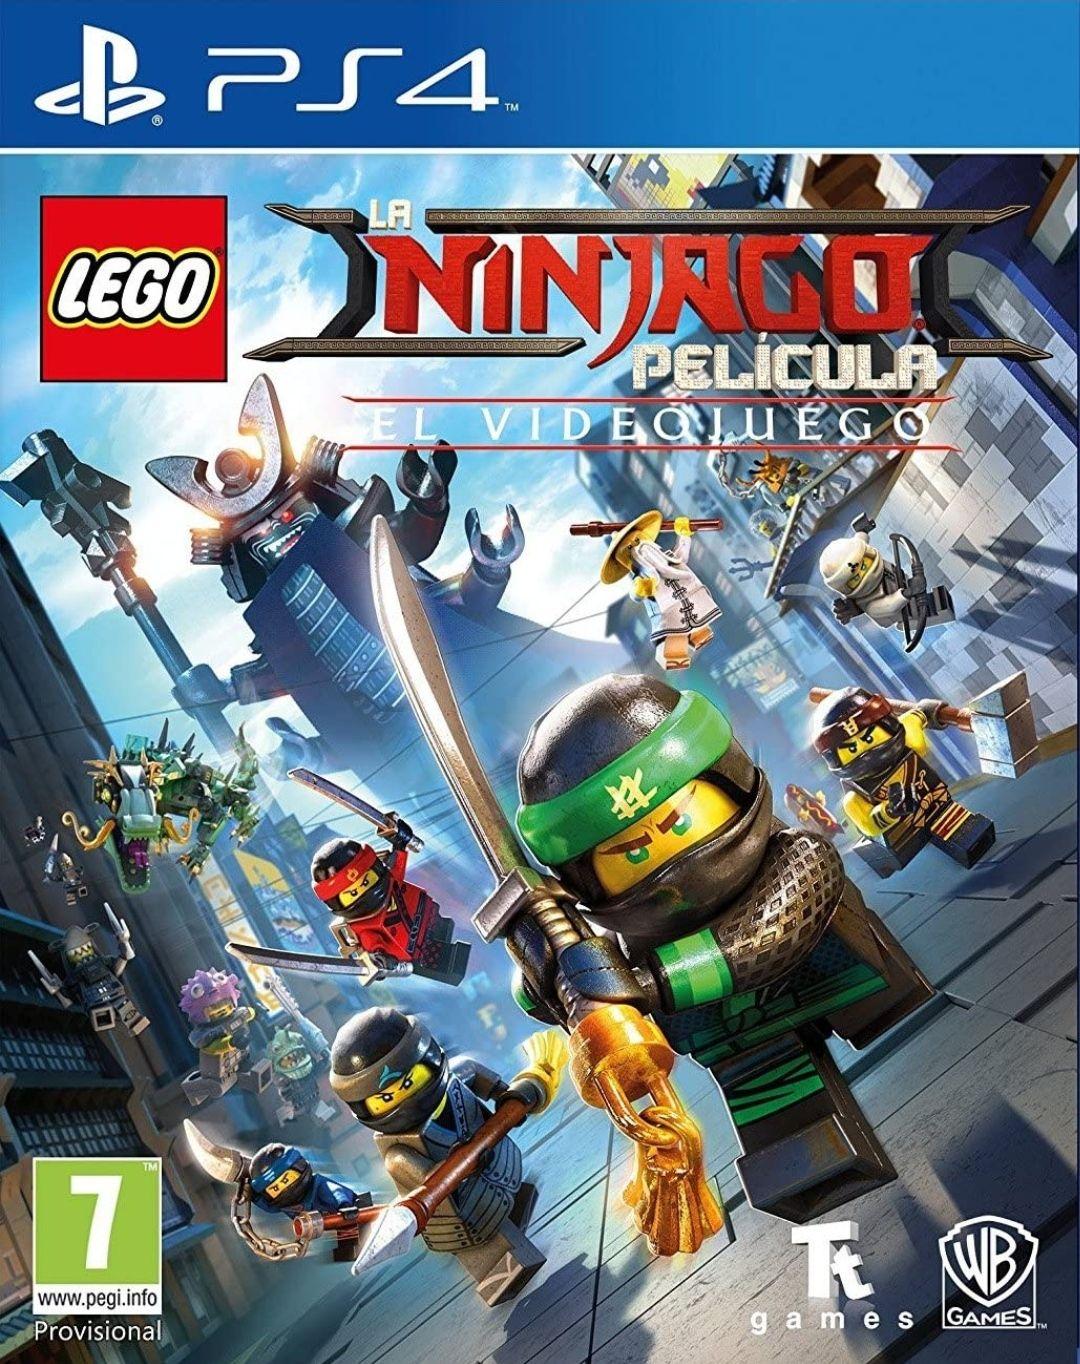 PS4 Lego Ninjago